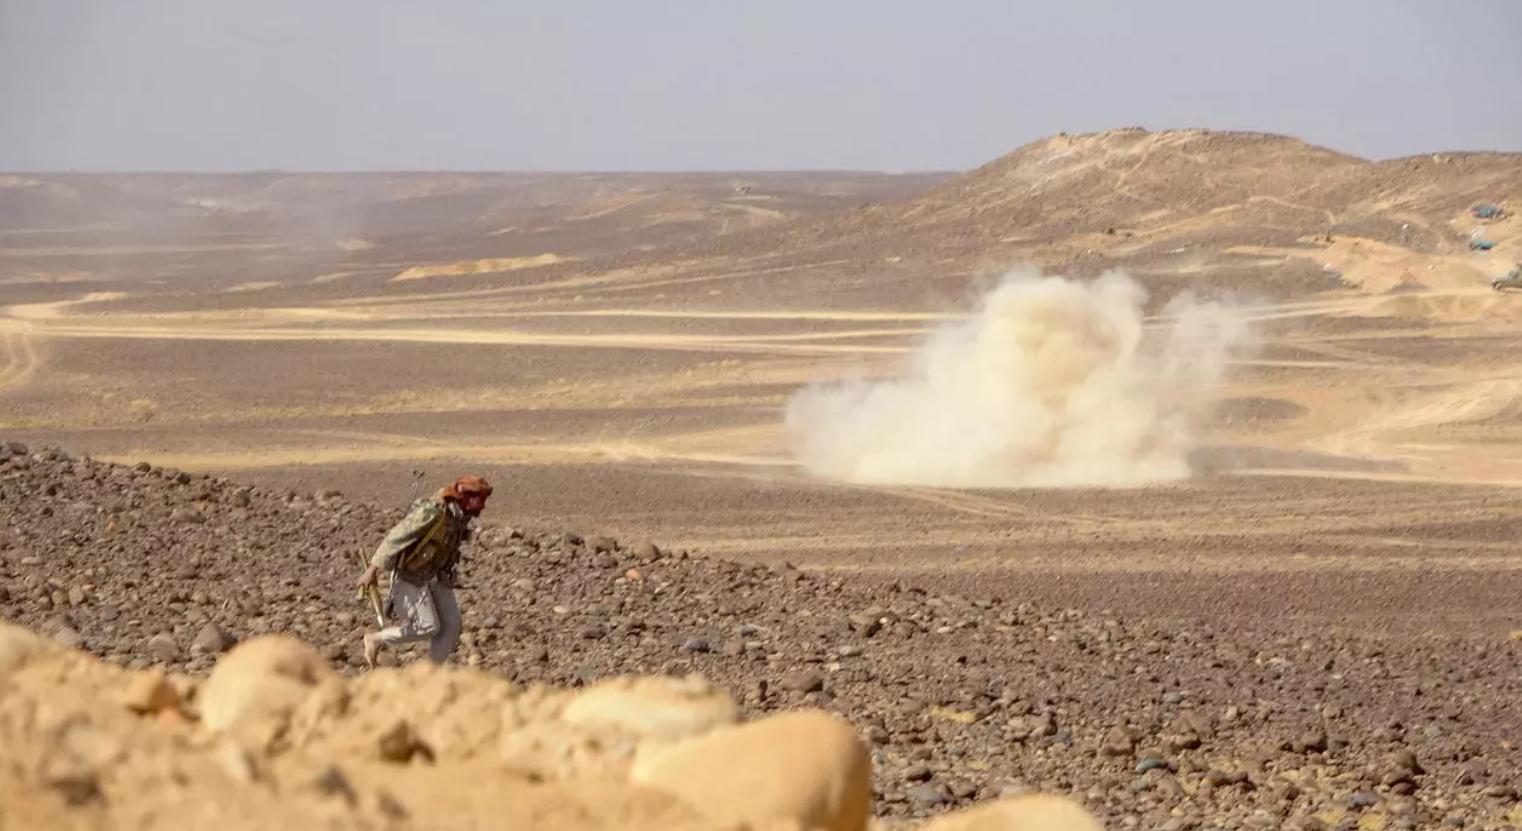 الأورومتوسطي و33 منظمة يمنية يوجهون نداءً عاجلاً للاتحاد الأوروبي حول مخاطر هجوم الحوثي على مأرب